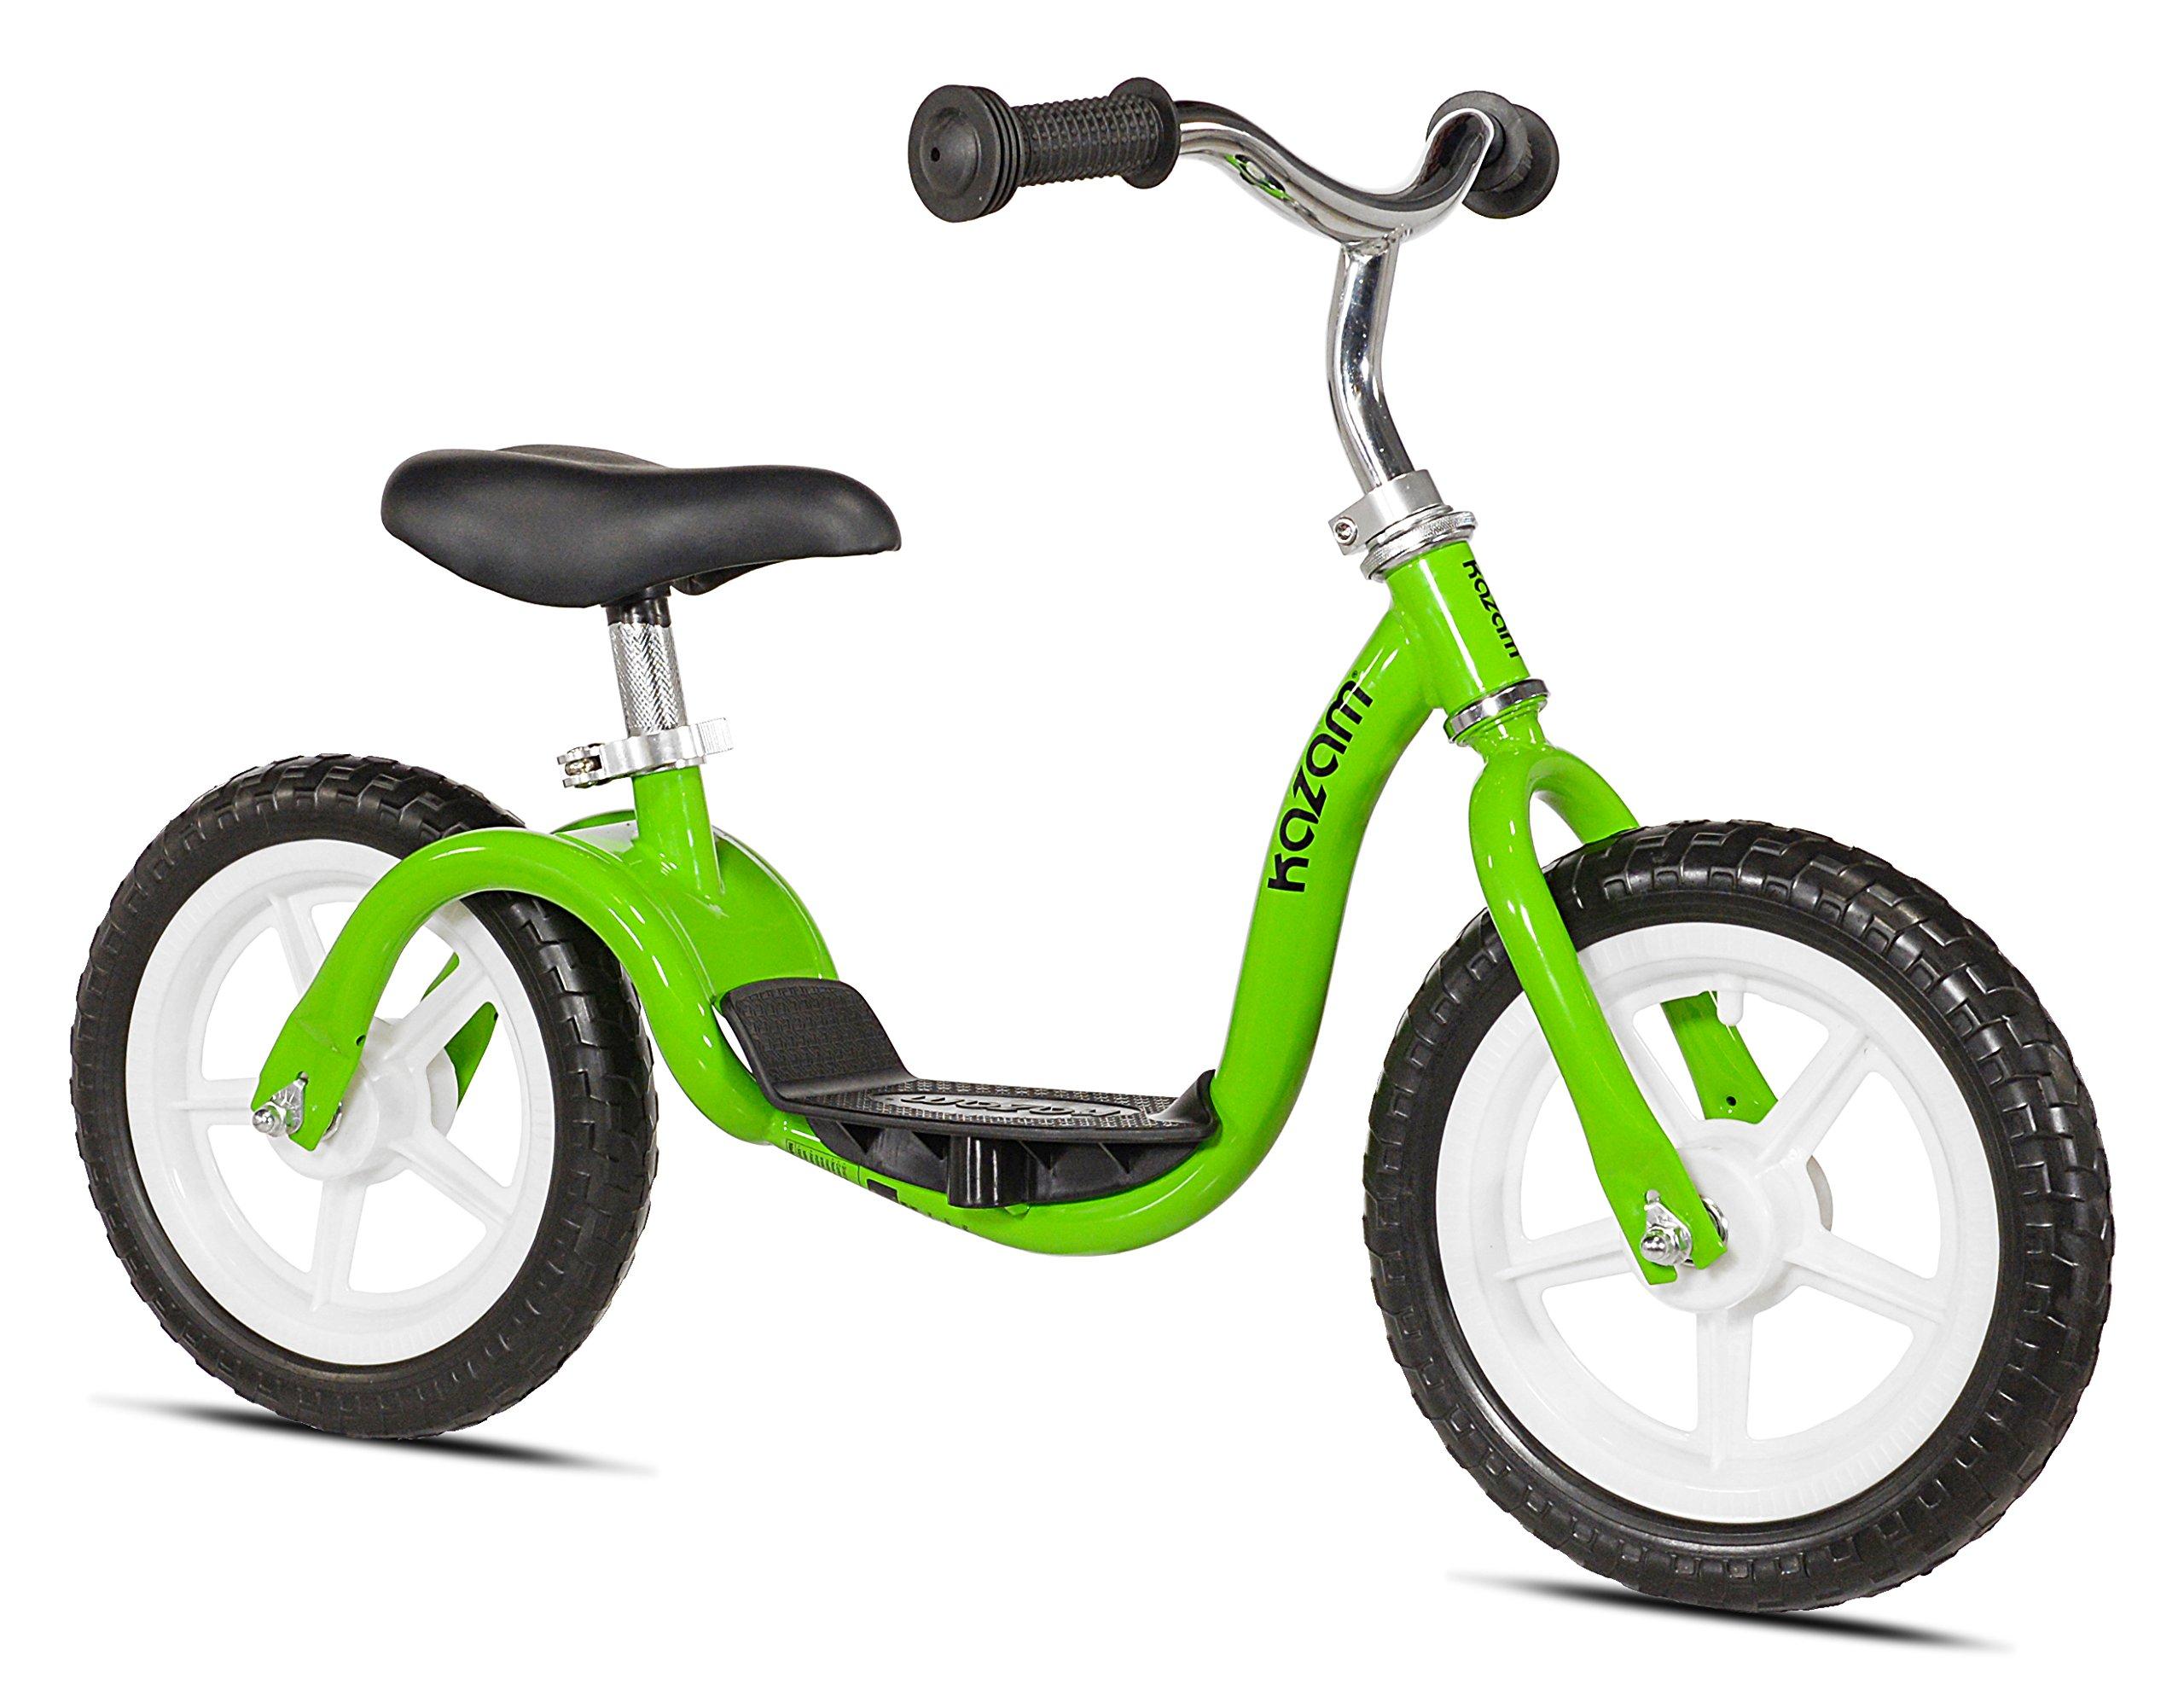 KaZAM v2e No Pedal Balance Bike, 12-Inch, Green